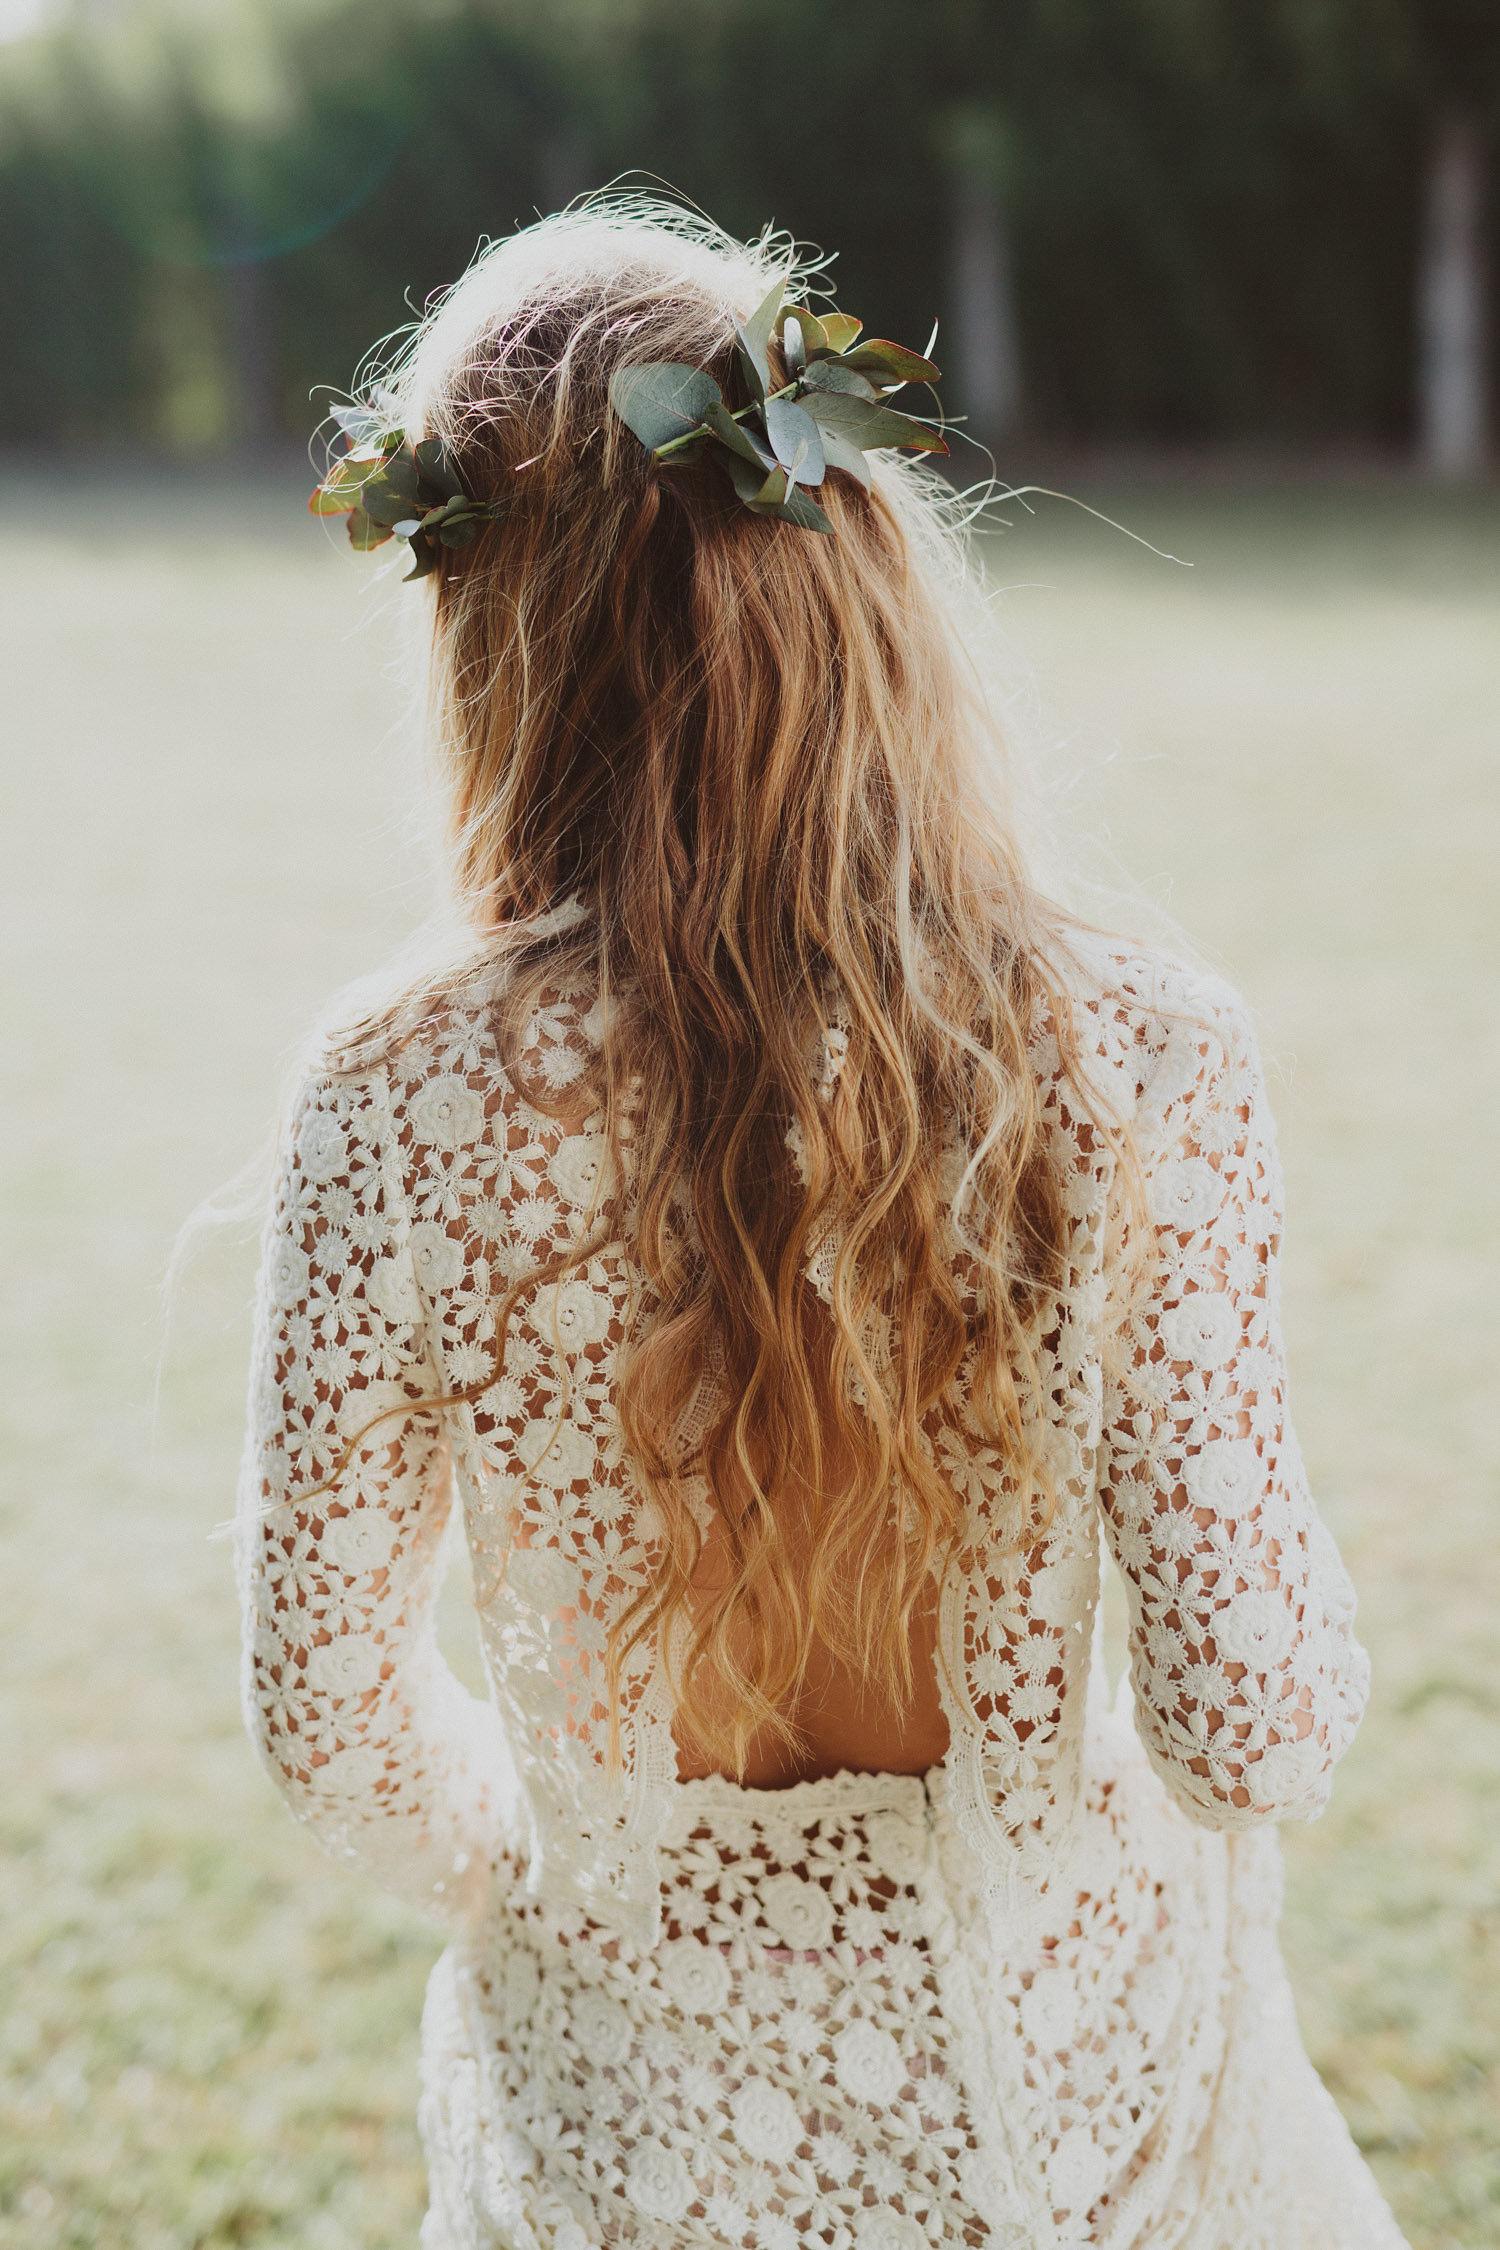 calista-one-lista-de-bodas-online-blog-de-bodas-inspiracion-vestidos-de-novia-10